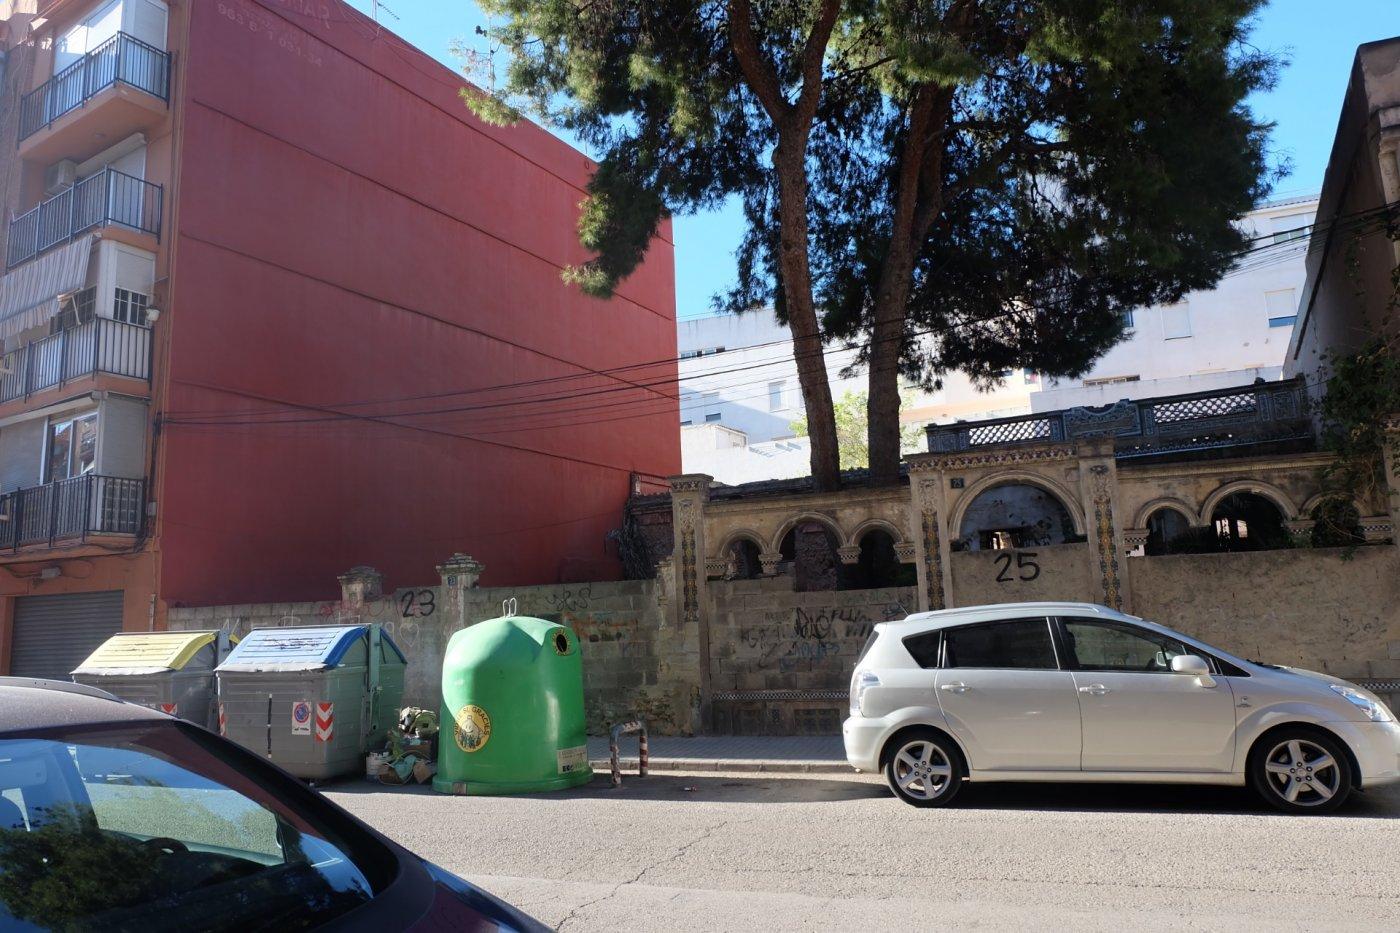 terreno-urbano en burjassot · burjassot 150000€